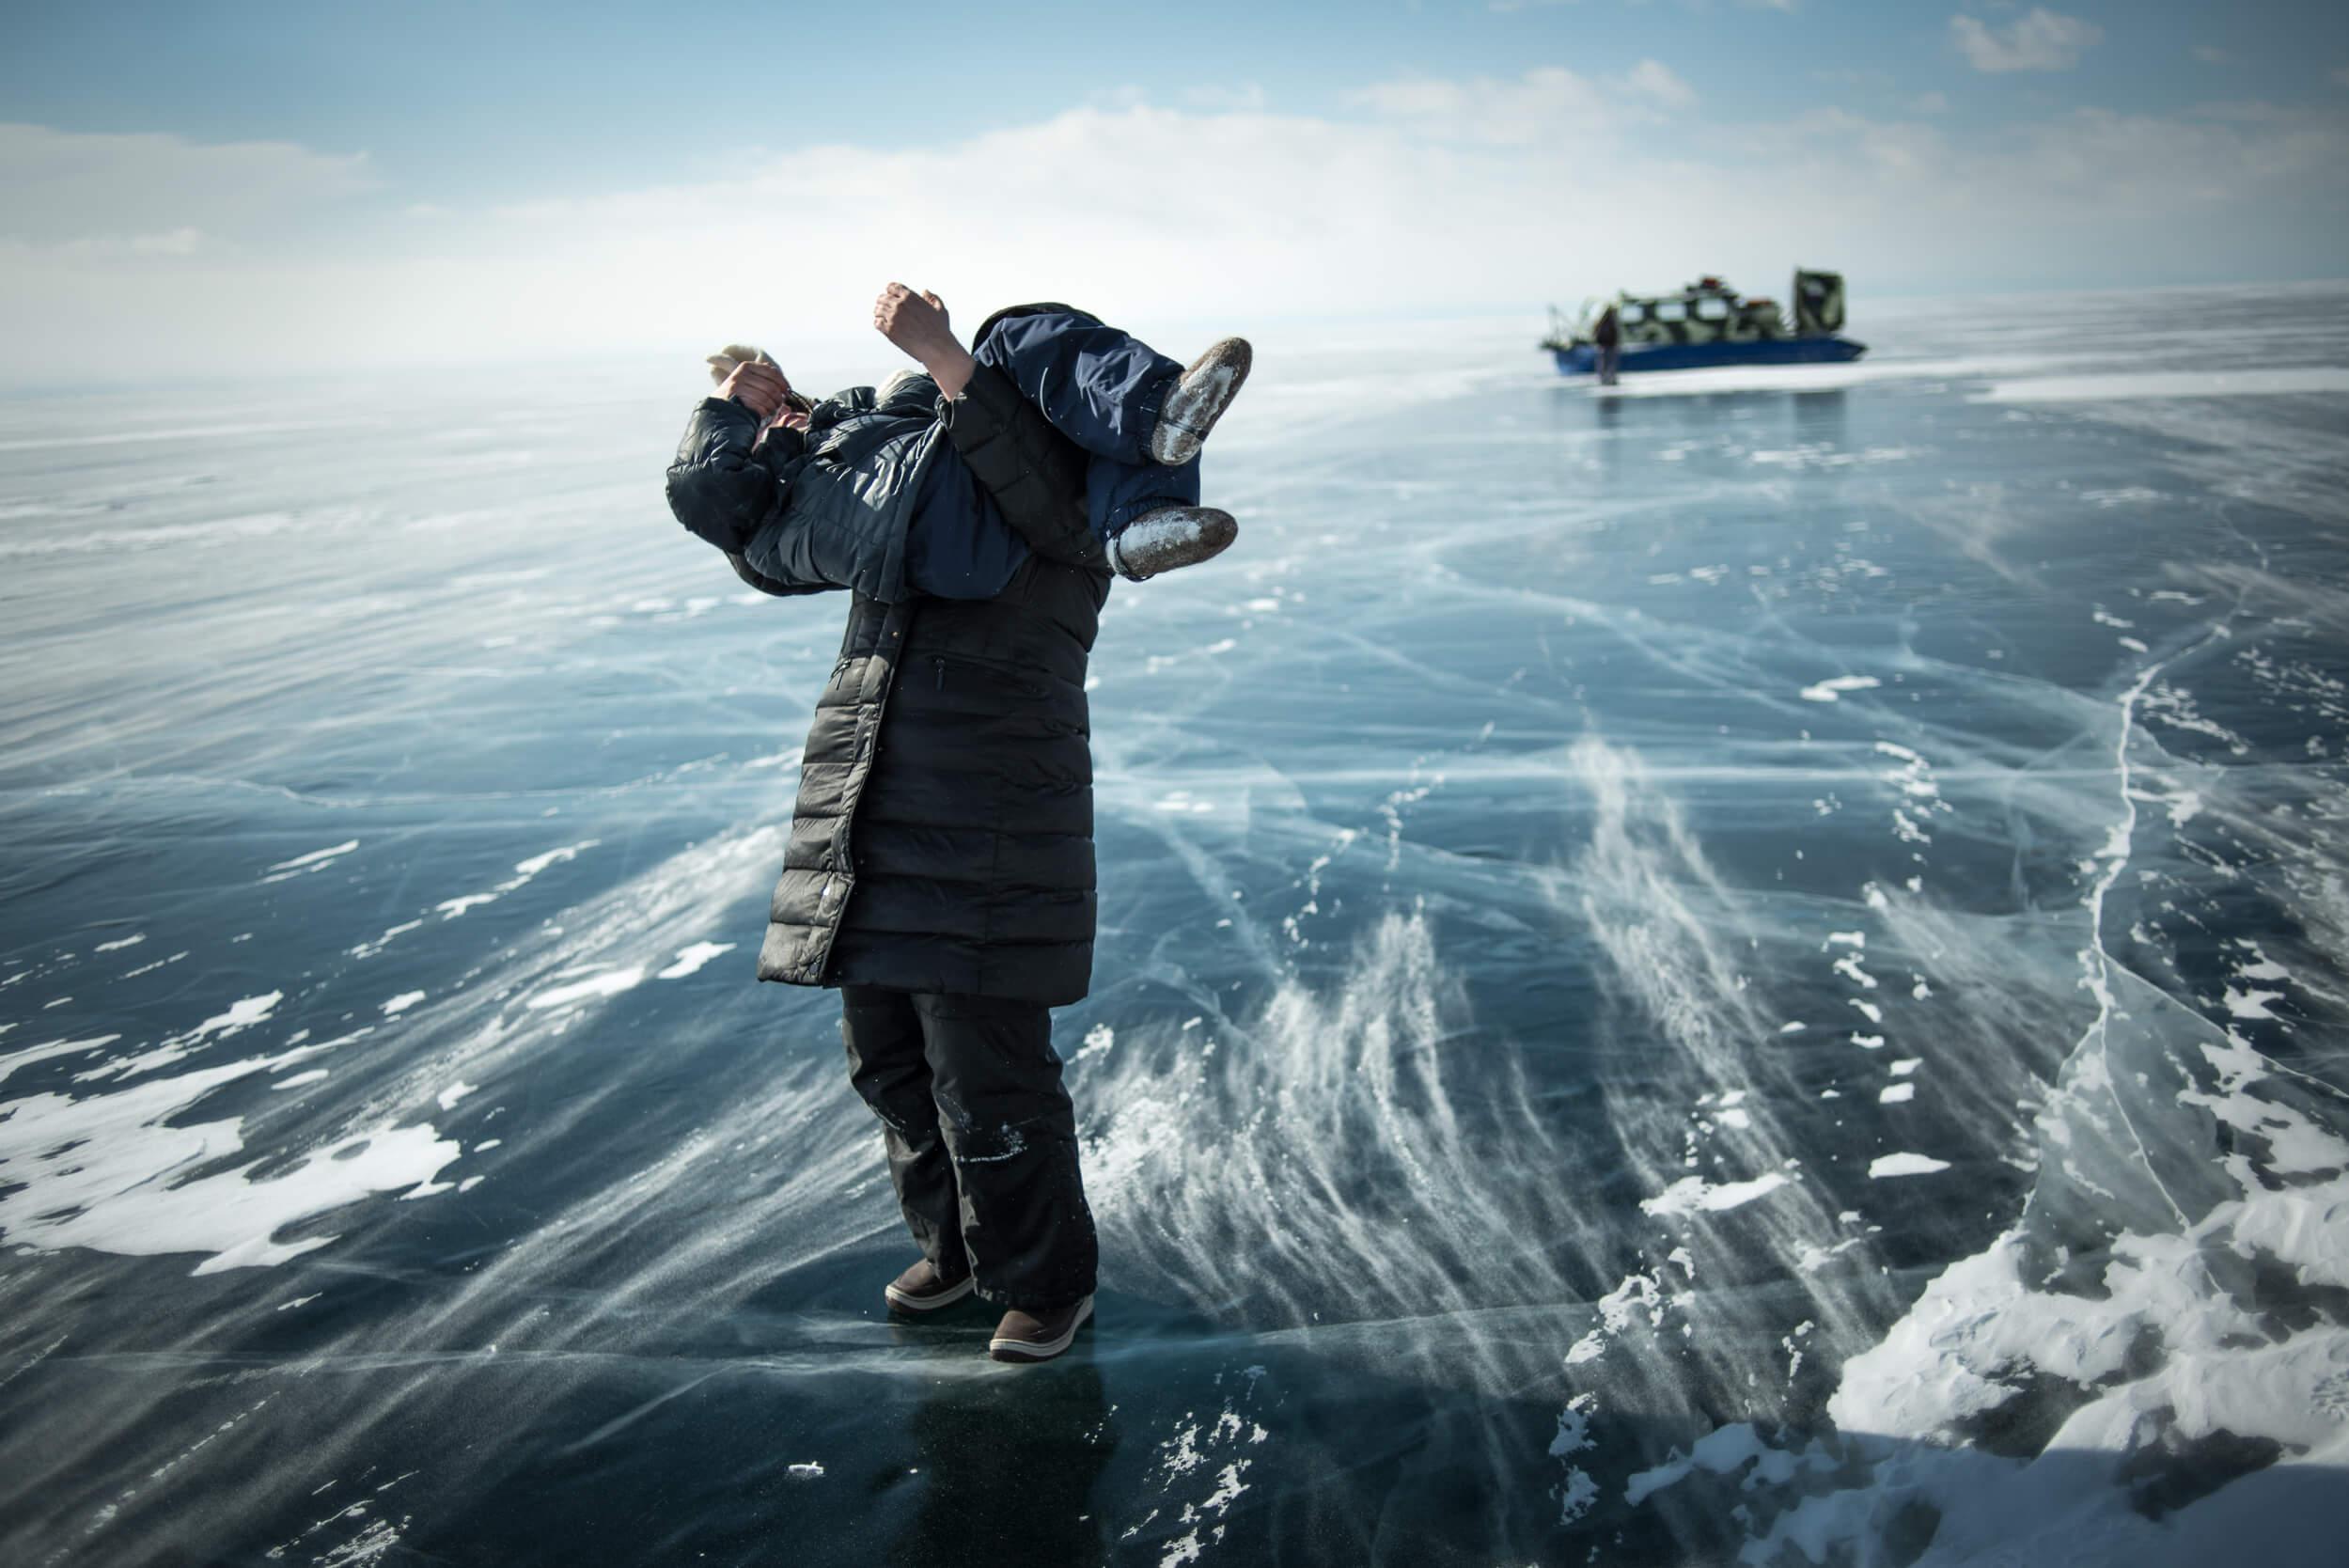 Засунуть лед в девушку фото 299-464